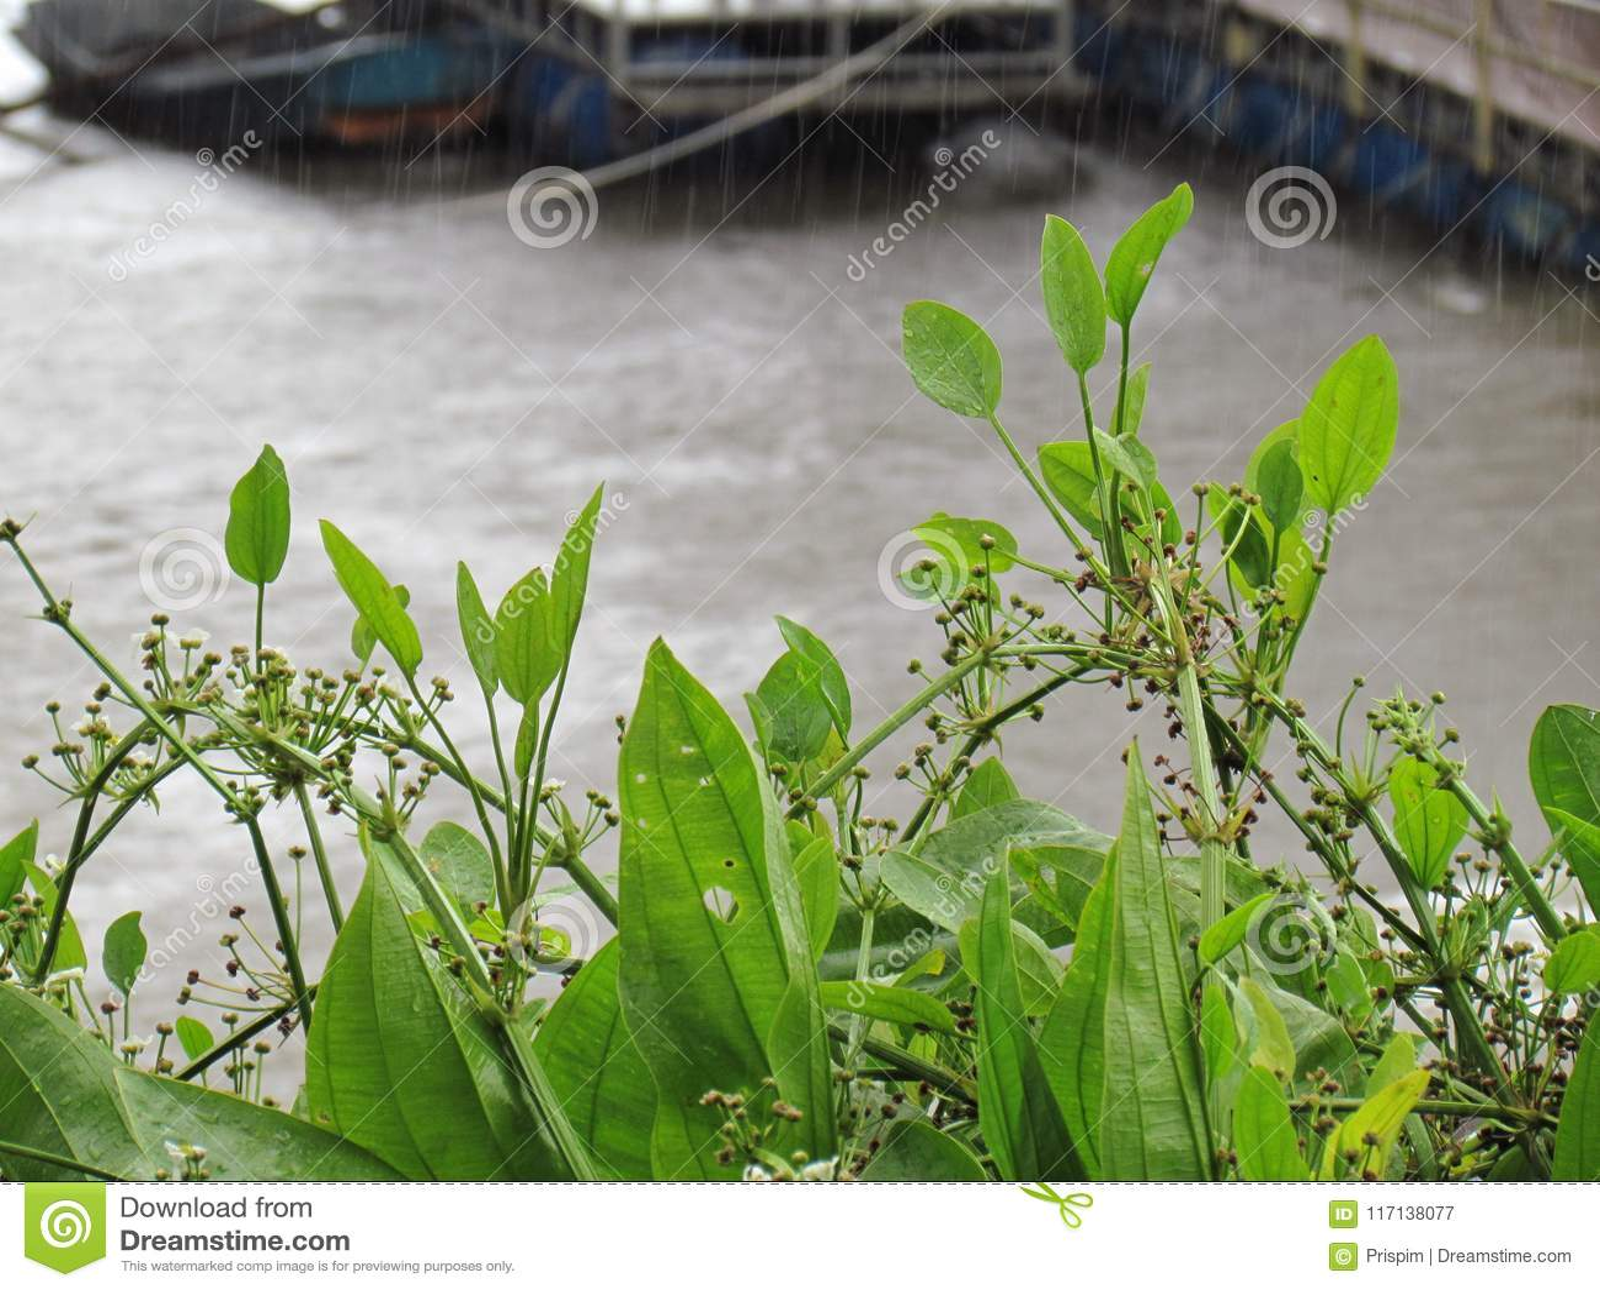 De Pijl Hoofdameson of de het Zwaardinstallatie van Amazonië op de banken van de rivier en haven op een regenachtige dag